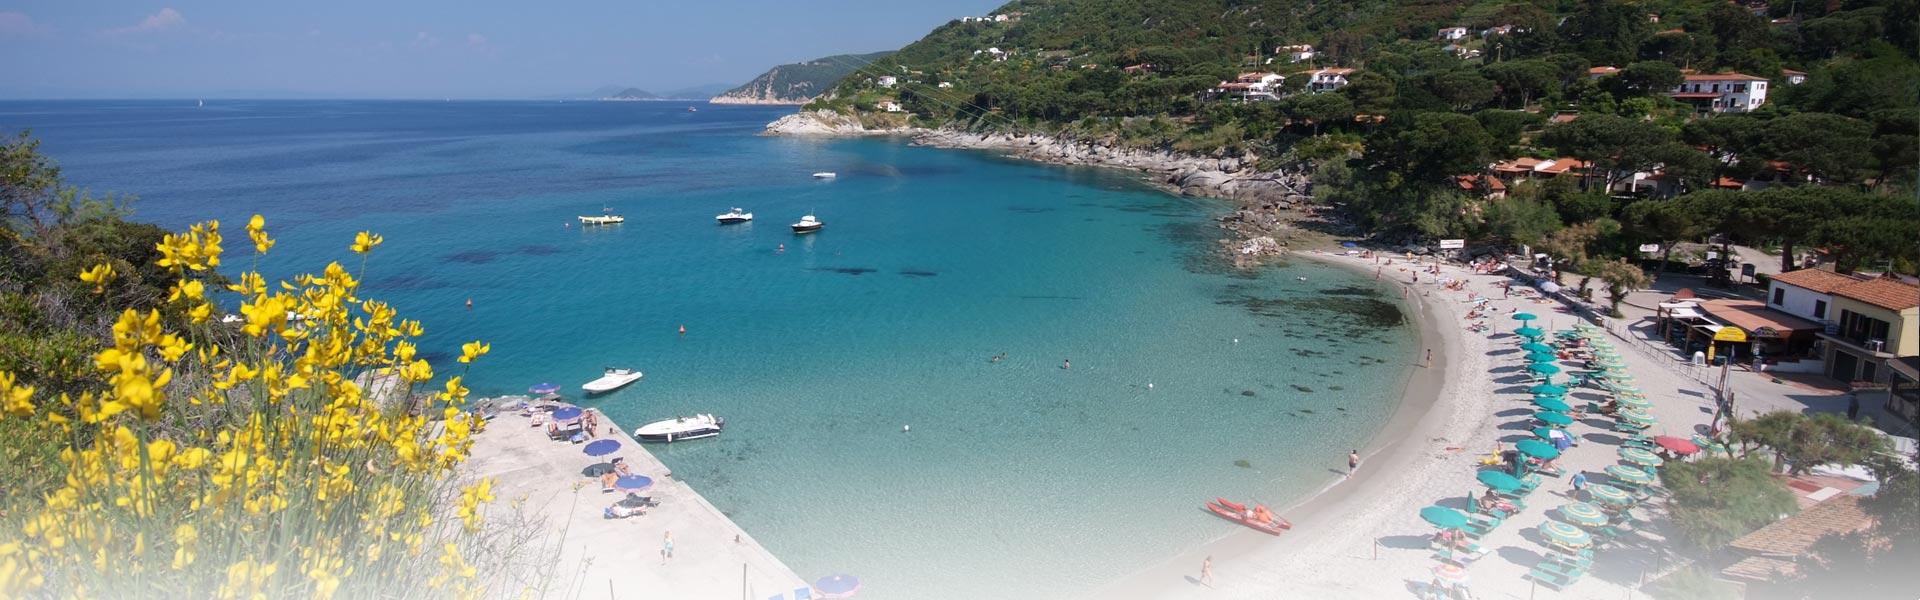 Parlano di noi, i commenti sull\'Hotel Barsalini all\'Isola d\'Elba